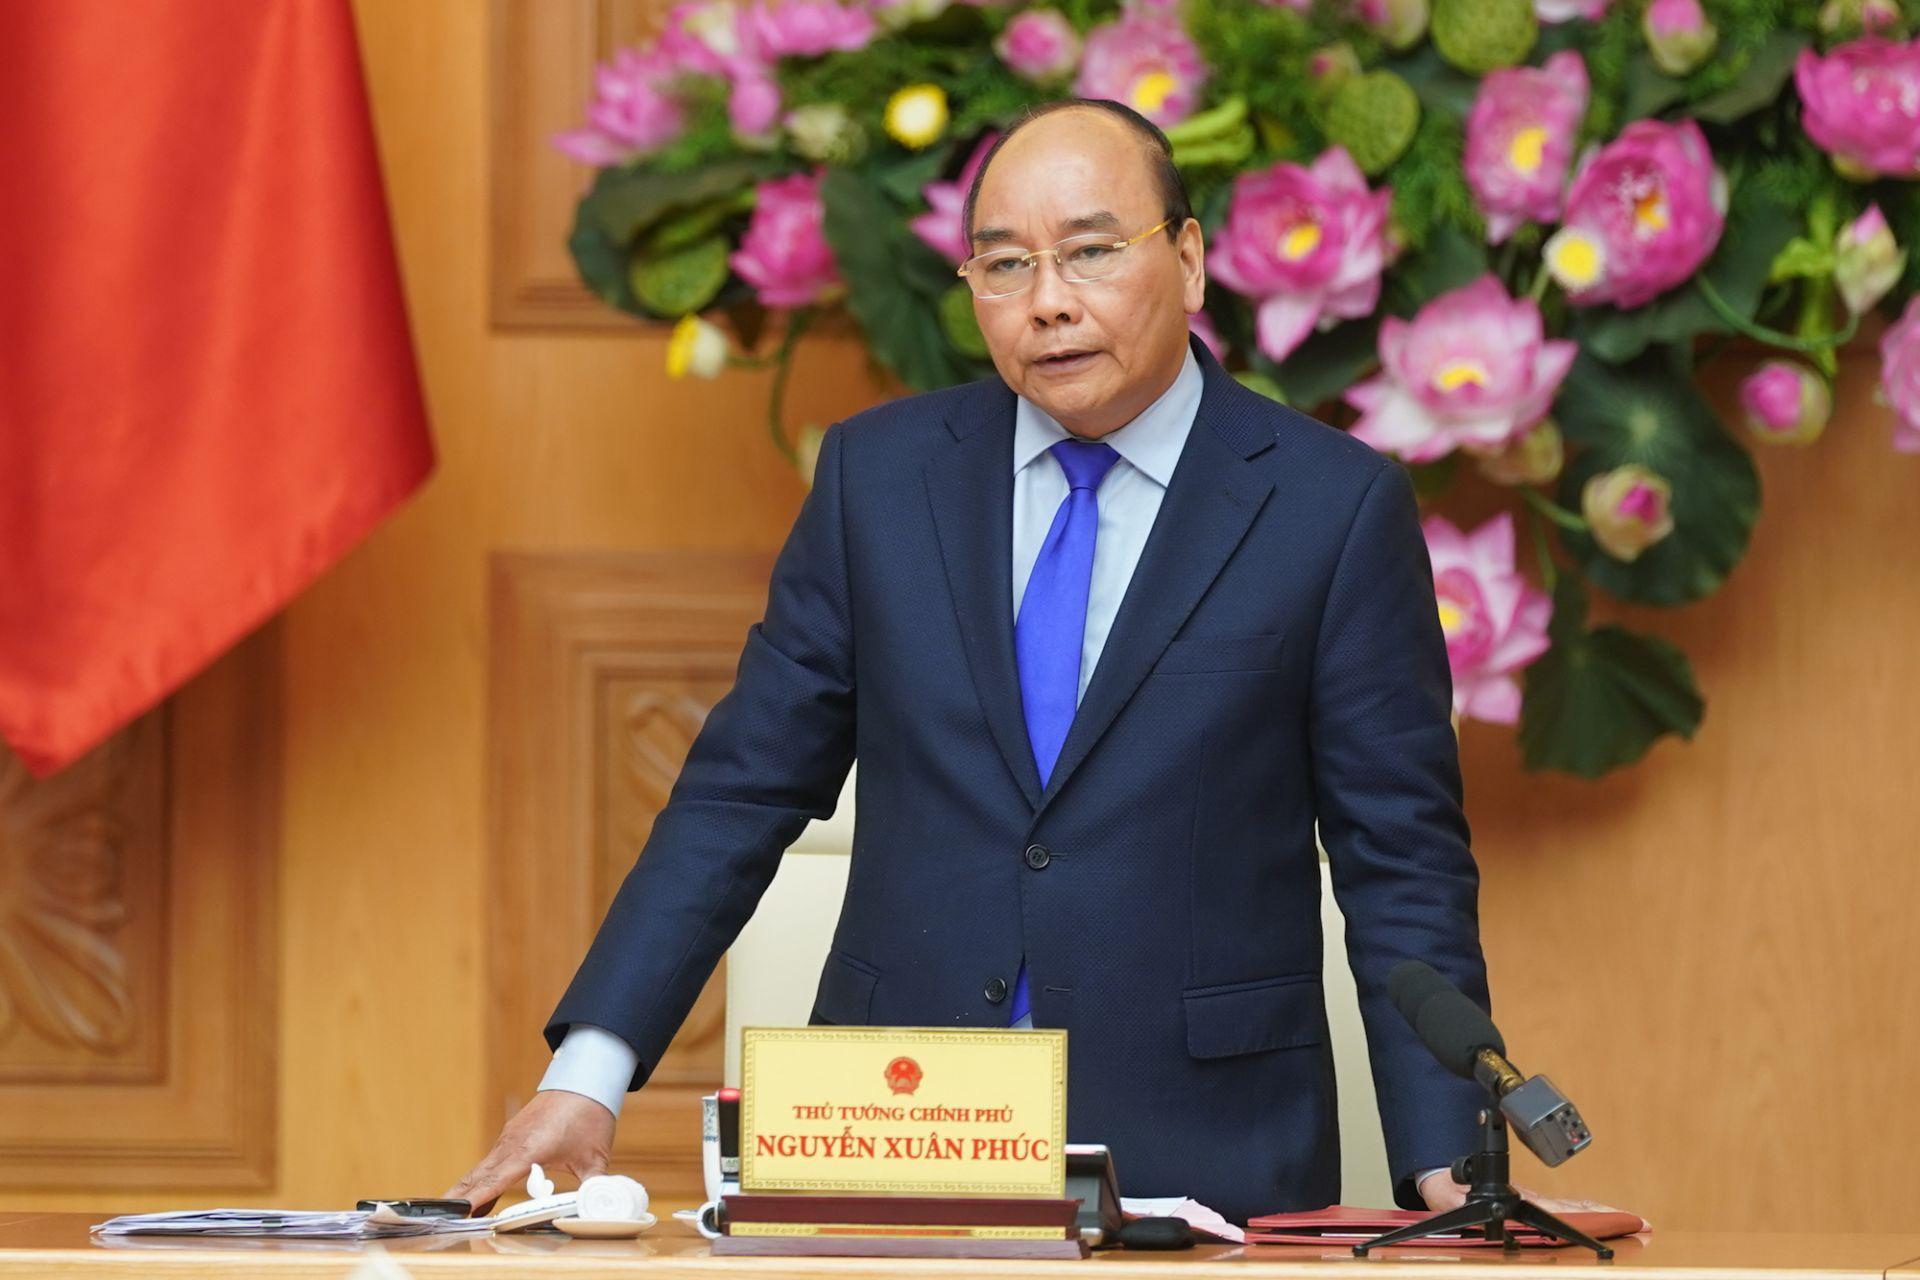 Thủ tướng: Chưa xem xét điều chỉnh chỉ tiêu phát triển kinh tế - xã hội 2020, đẩy mạnh đầu tư công - Ảnh 1.